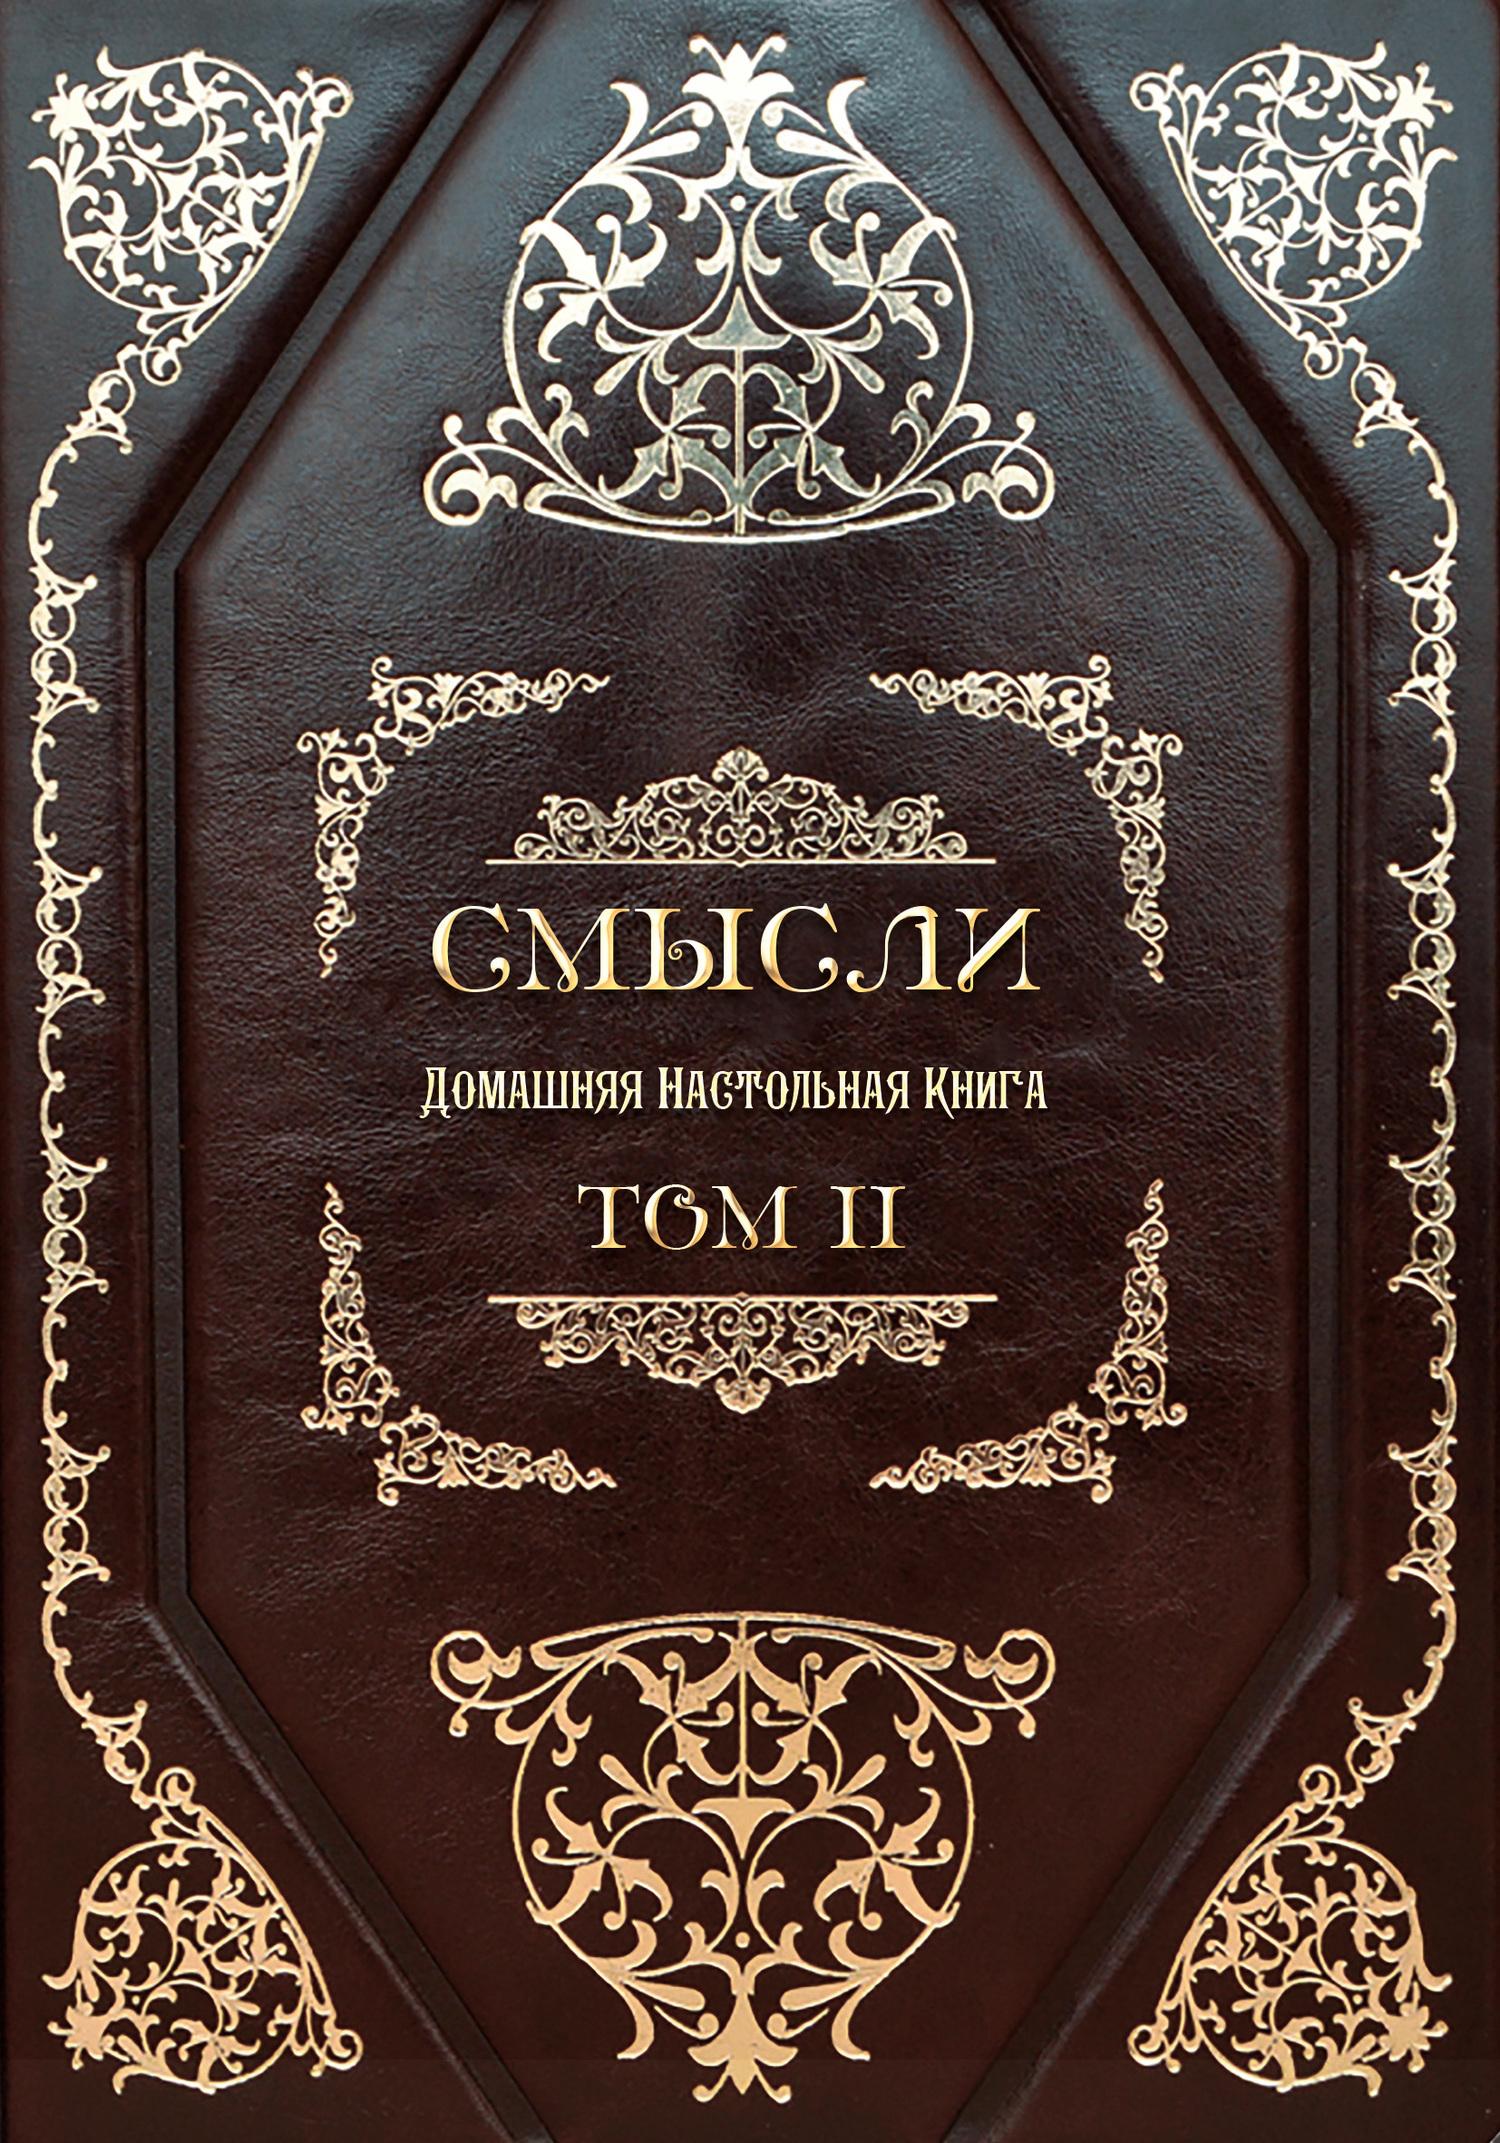 Дмитрий Жуков - СМЫСЛИ. Домашняя Настольная Книга. Том II